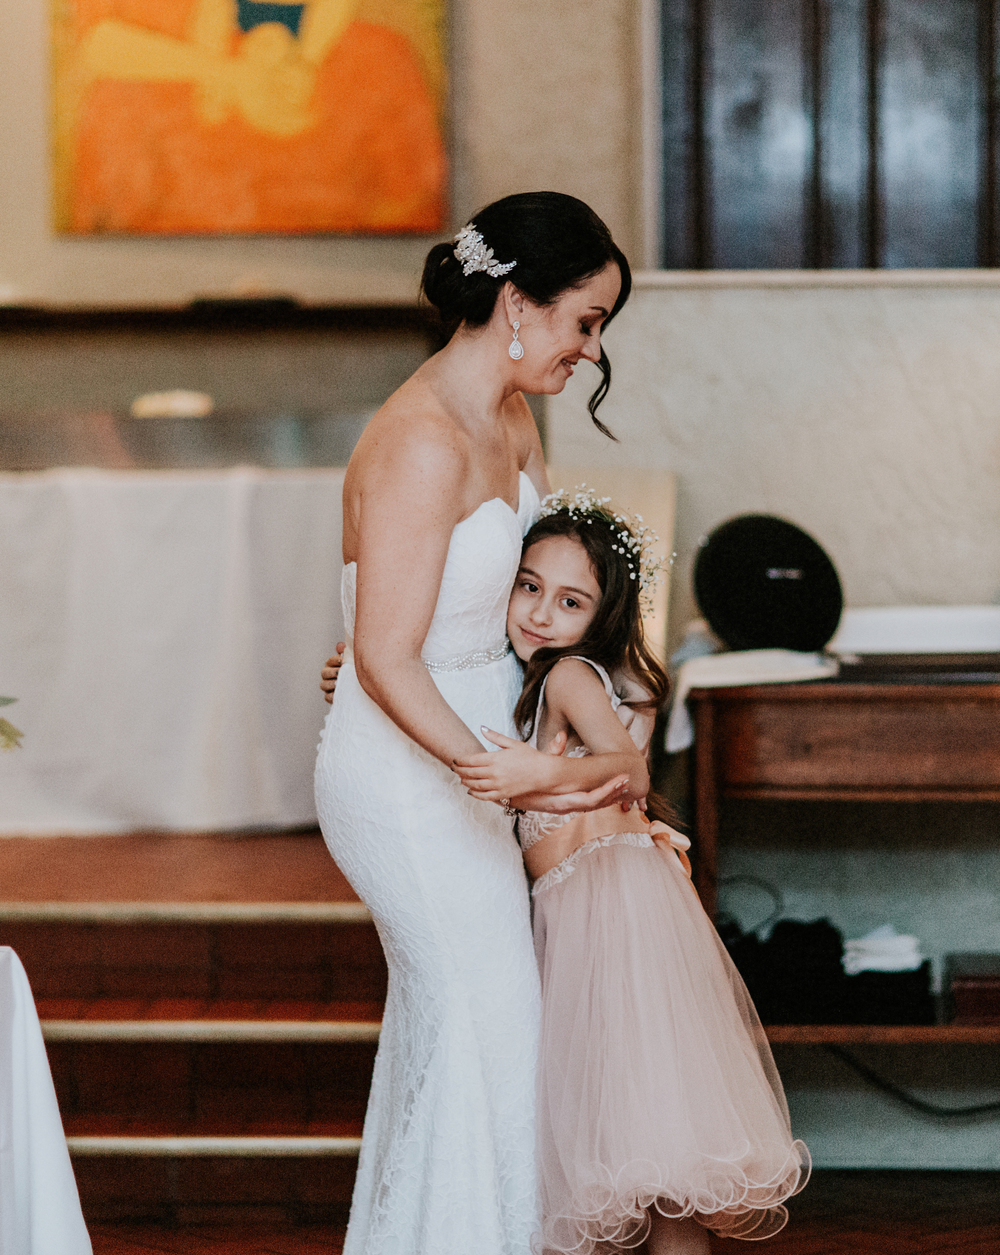 Orlando Wedding | Vanessa Boy |VANESSABOY.COM-456.com final set .jpg